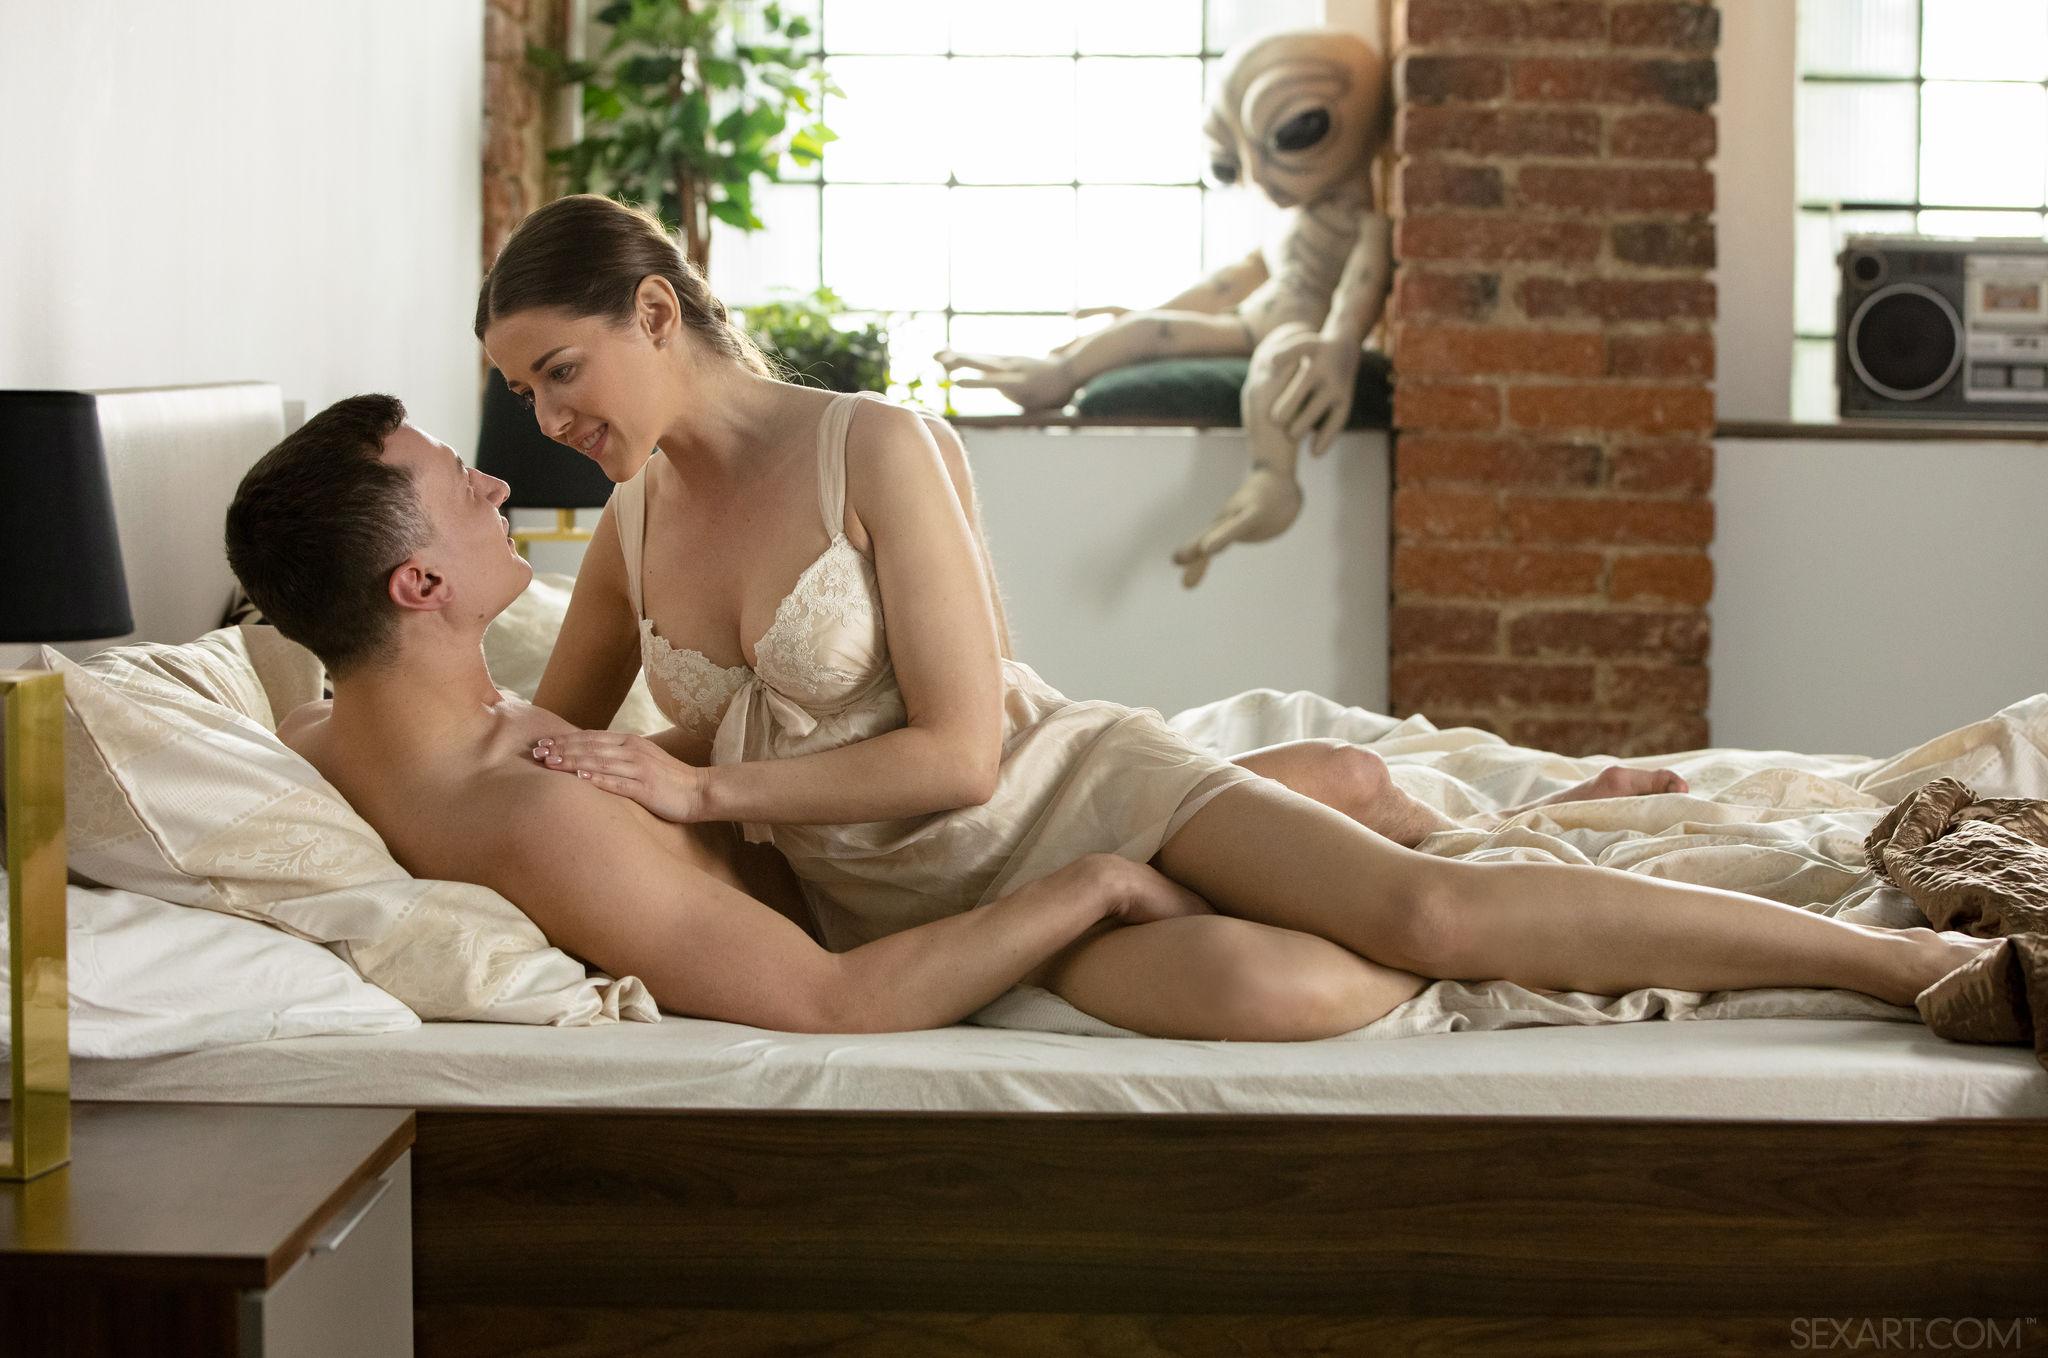 出門塞車不如在家打炮 Sybil A & Charlie Dean - In My Dreams - 貼圖 - 歐美寫真 -